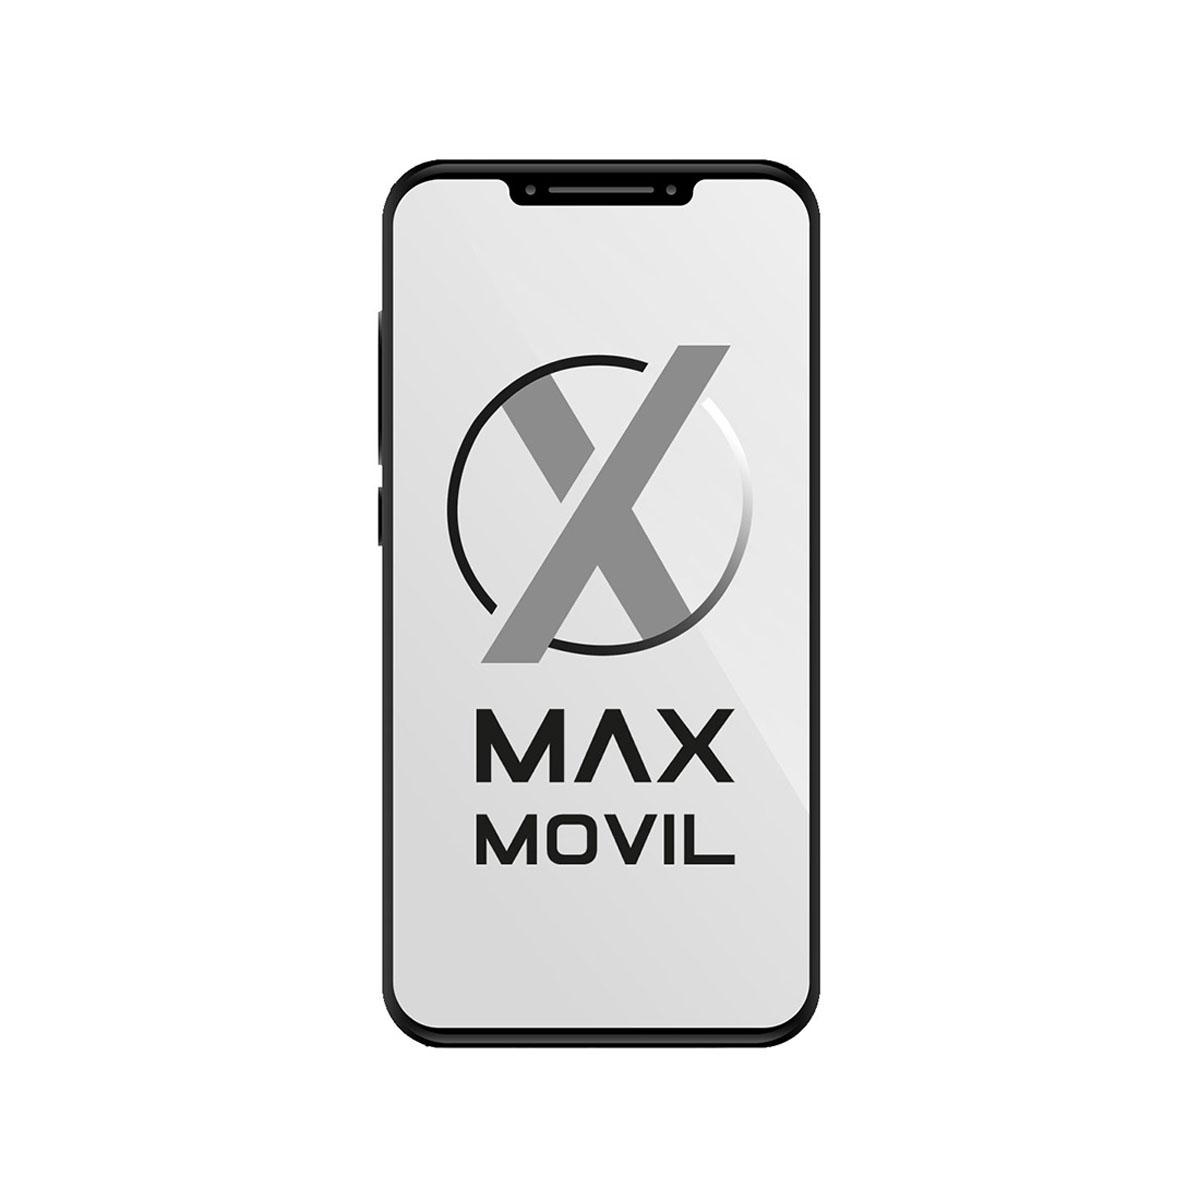 Auriculares estéreo Sony MDR-ZX310 negro en MAXmovil